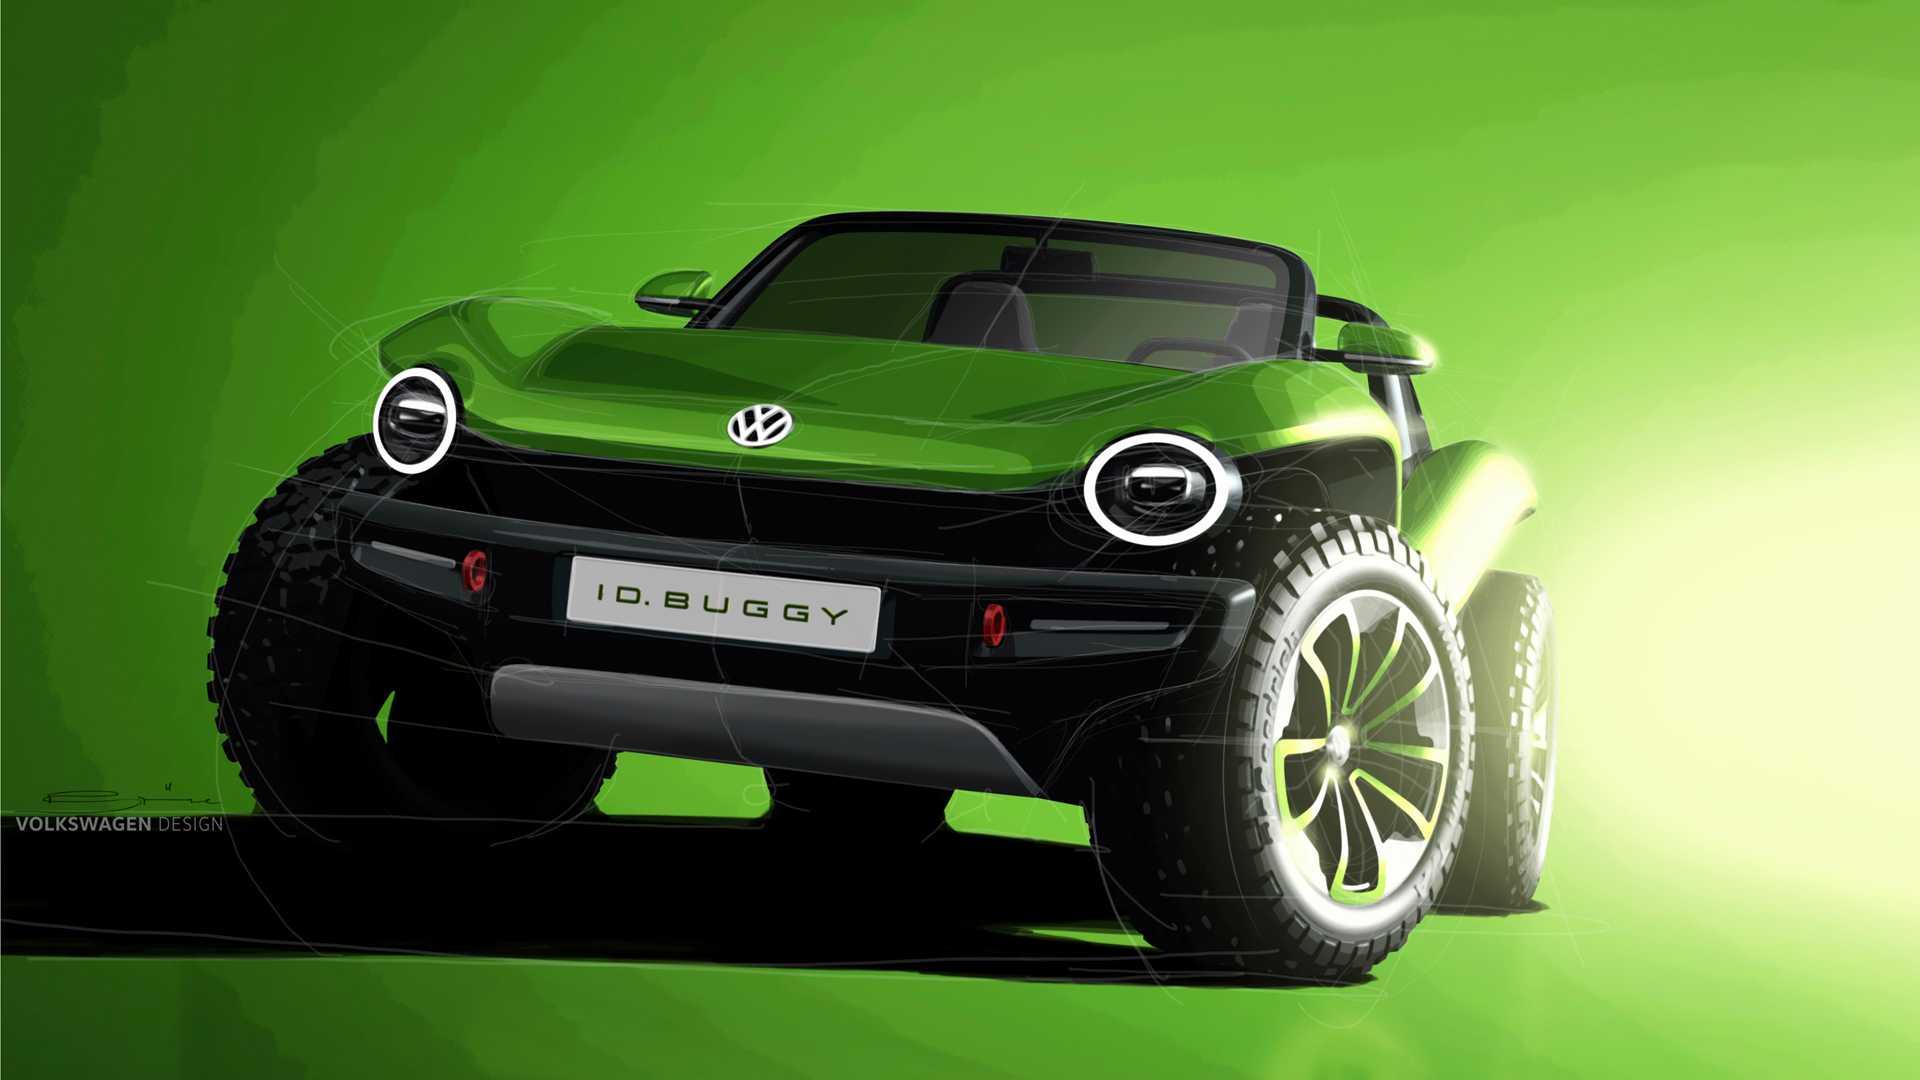 Volkswagen превратил электромобиль I.D. в новый Buggy Concept 1